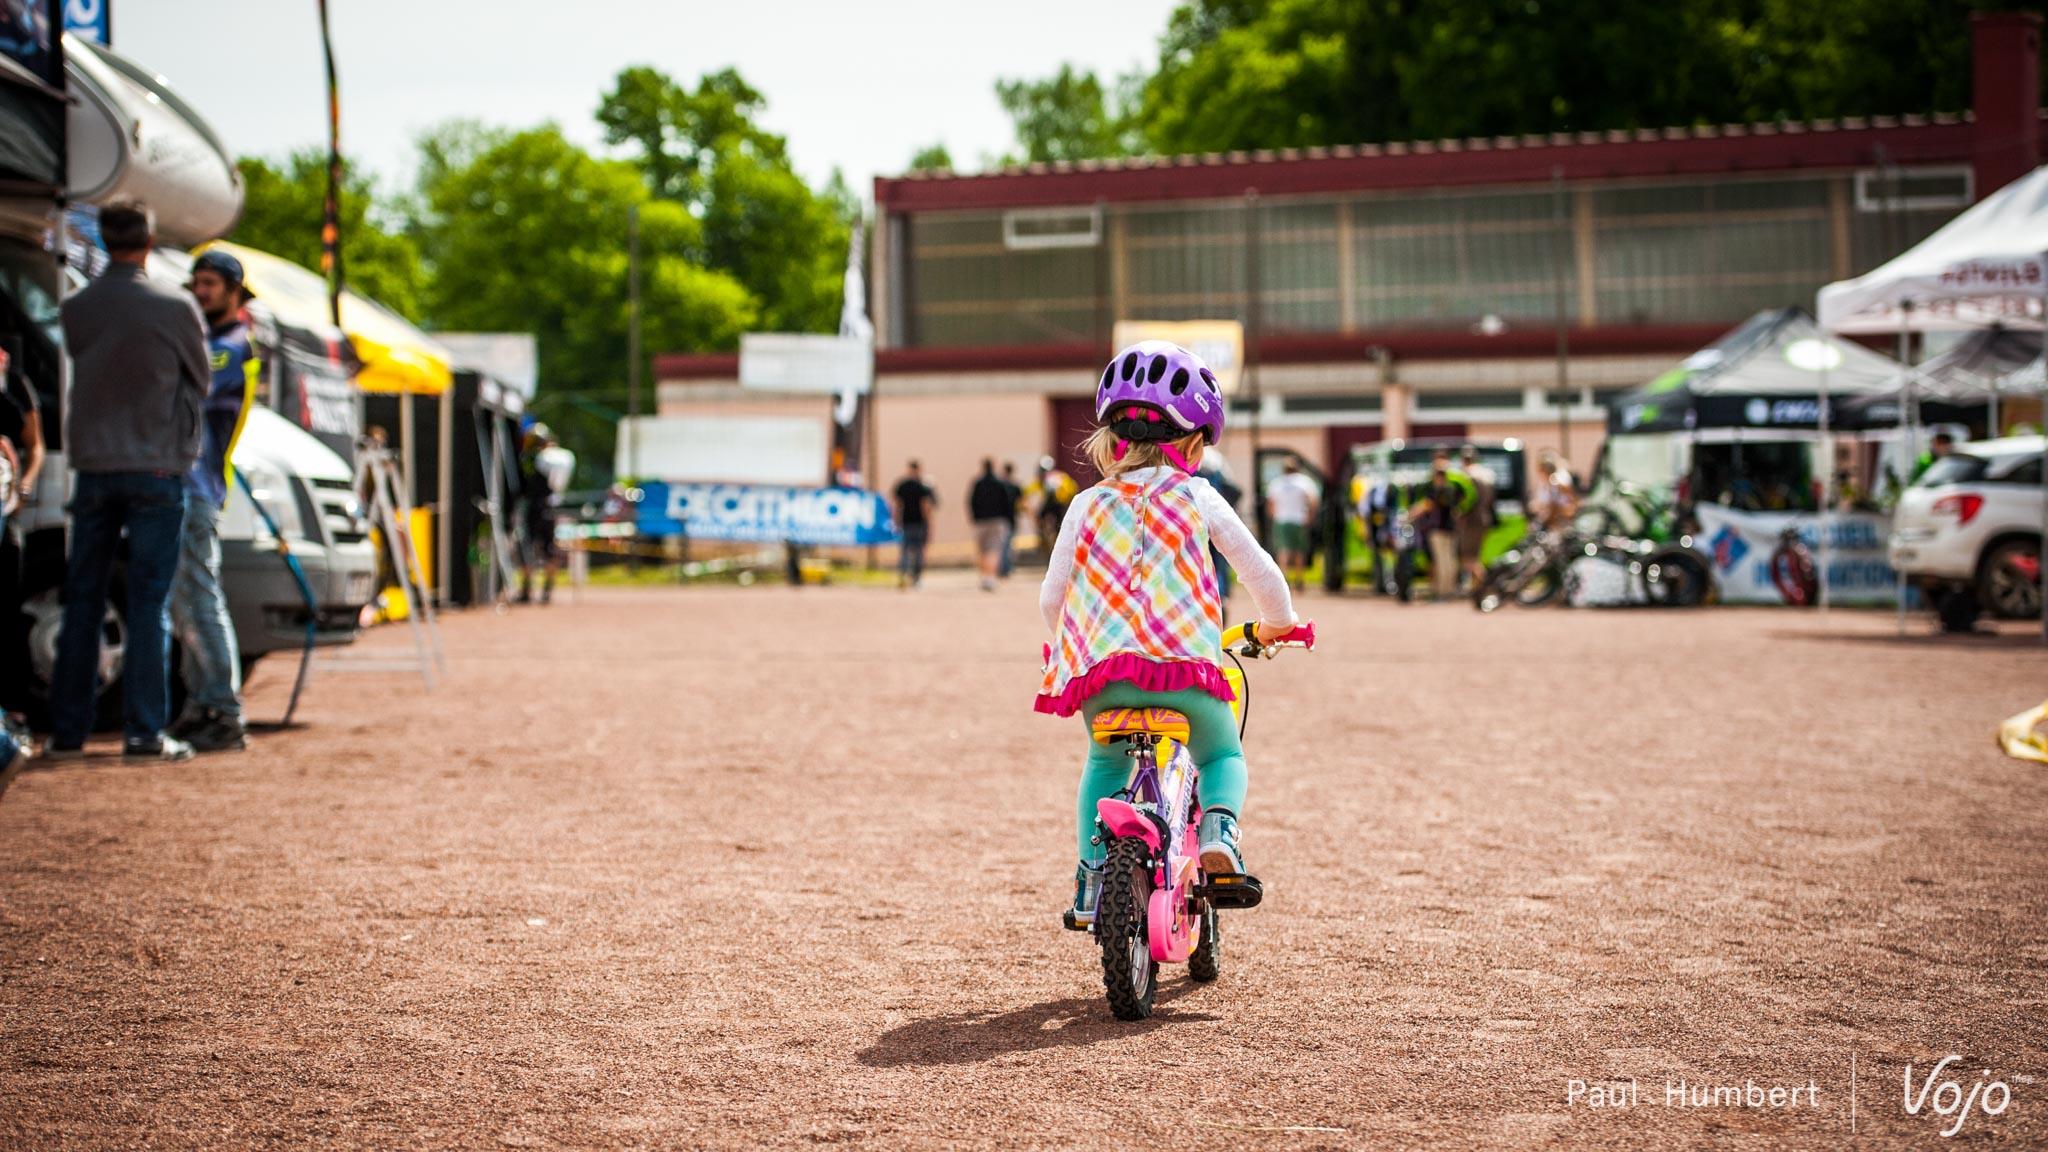 Raon-l-etape-vojo-2016-paul-humbert-44